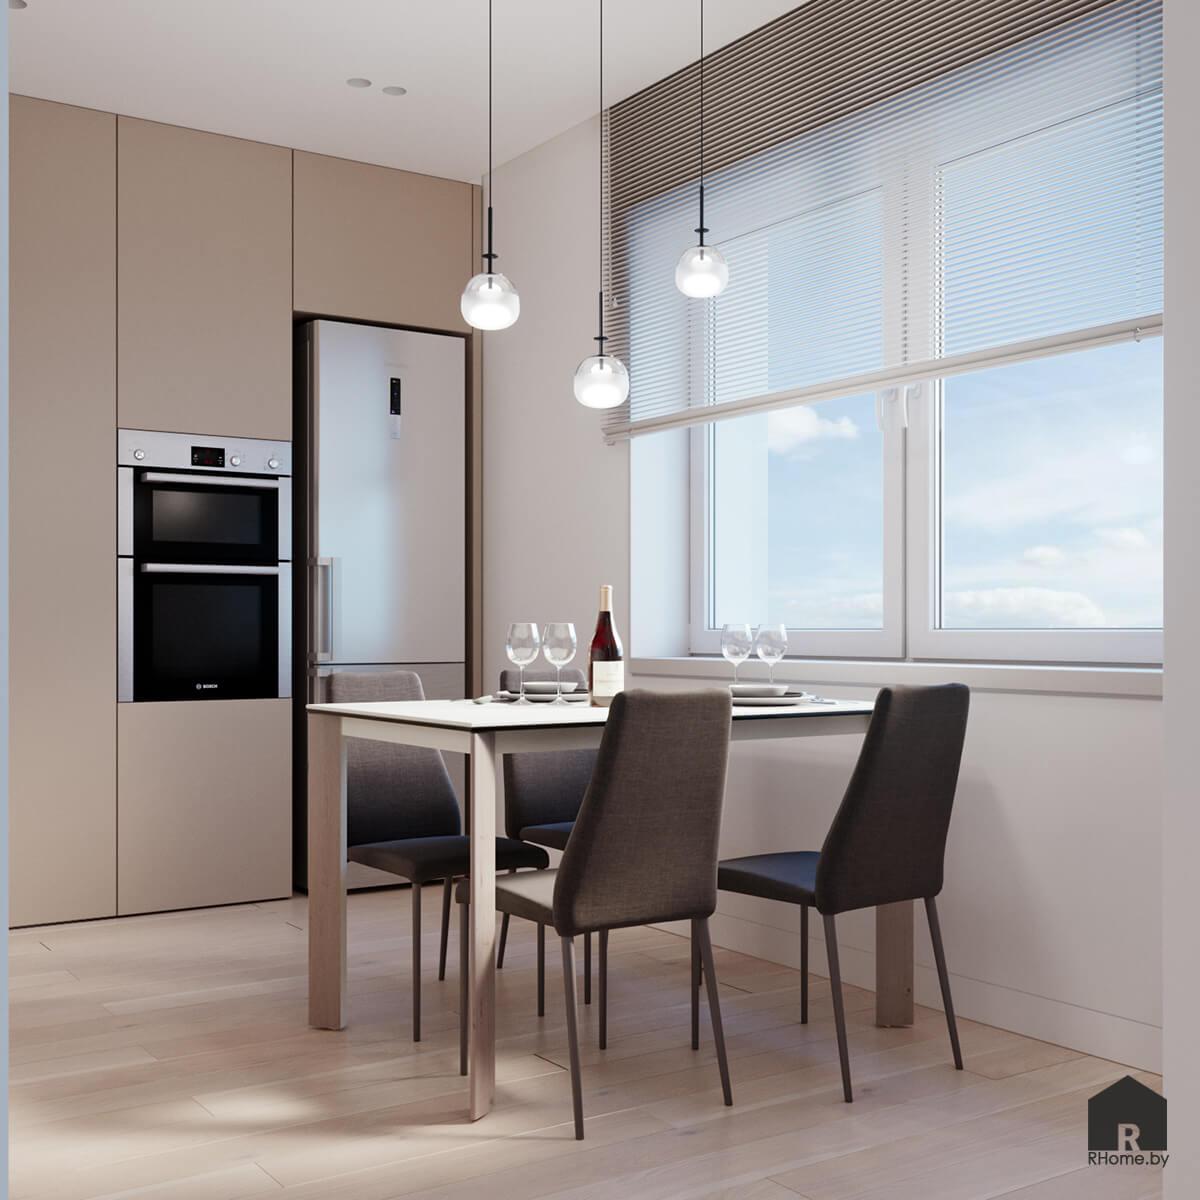 обеденный стол у окна в интерьере светлой кухни